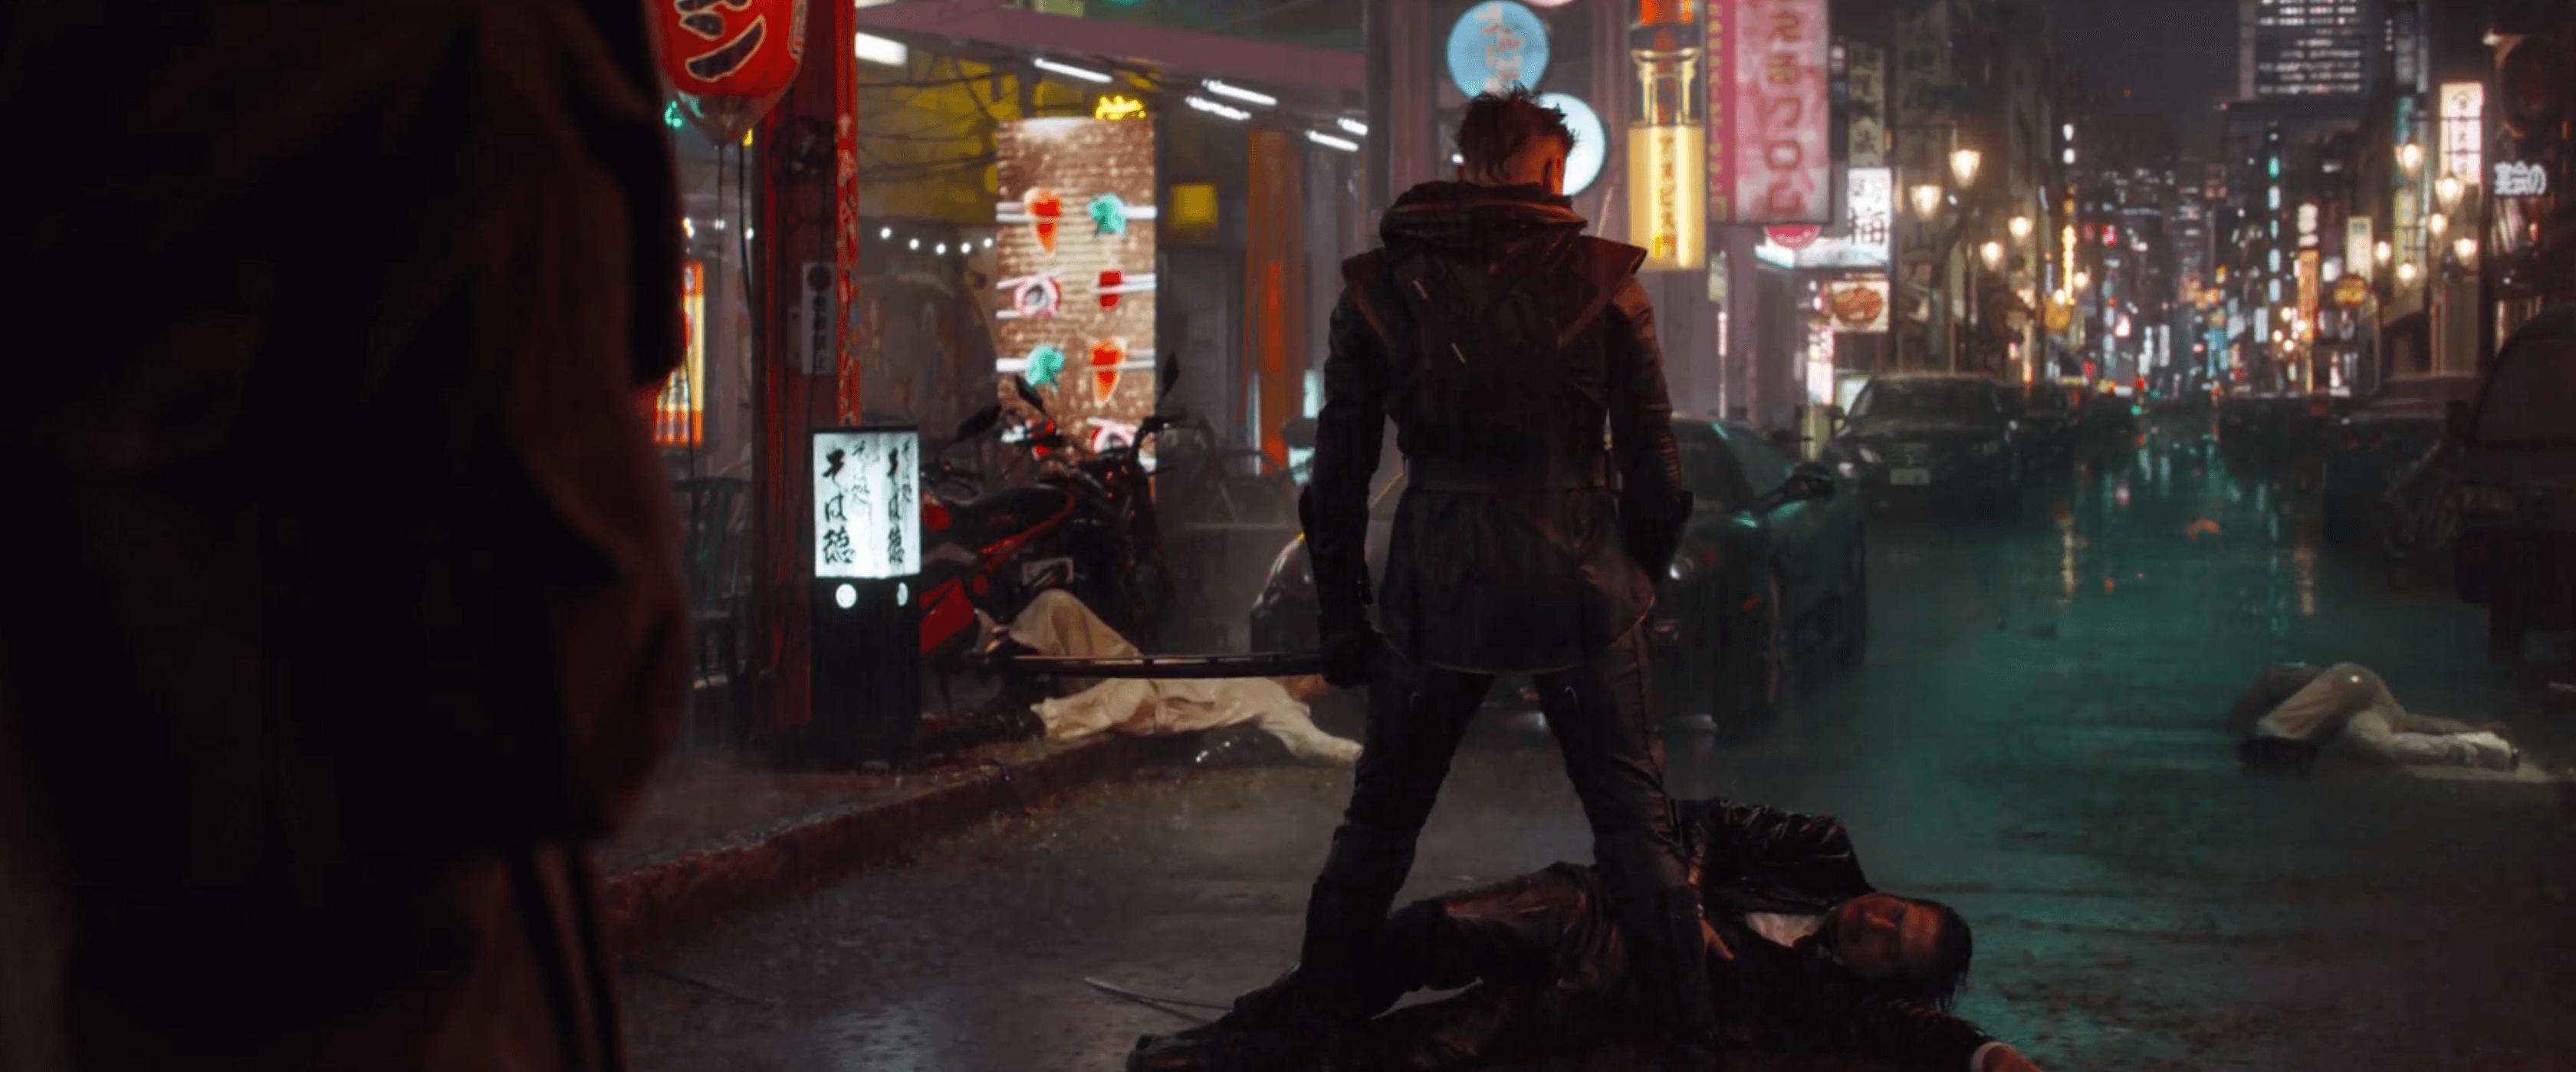 《復仇者聯盟4:Endgame》前導預告中,傑瑞米雷納所飾演的「鷹眼」已化身「浪人」。